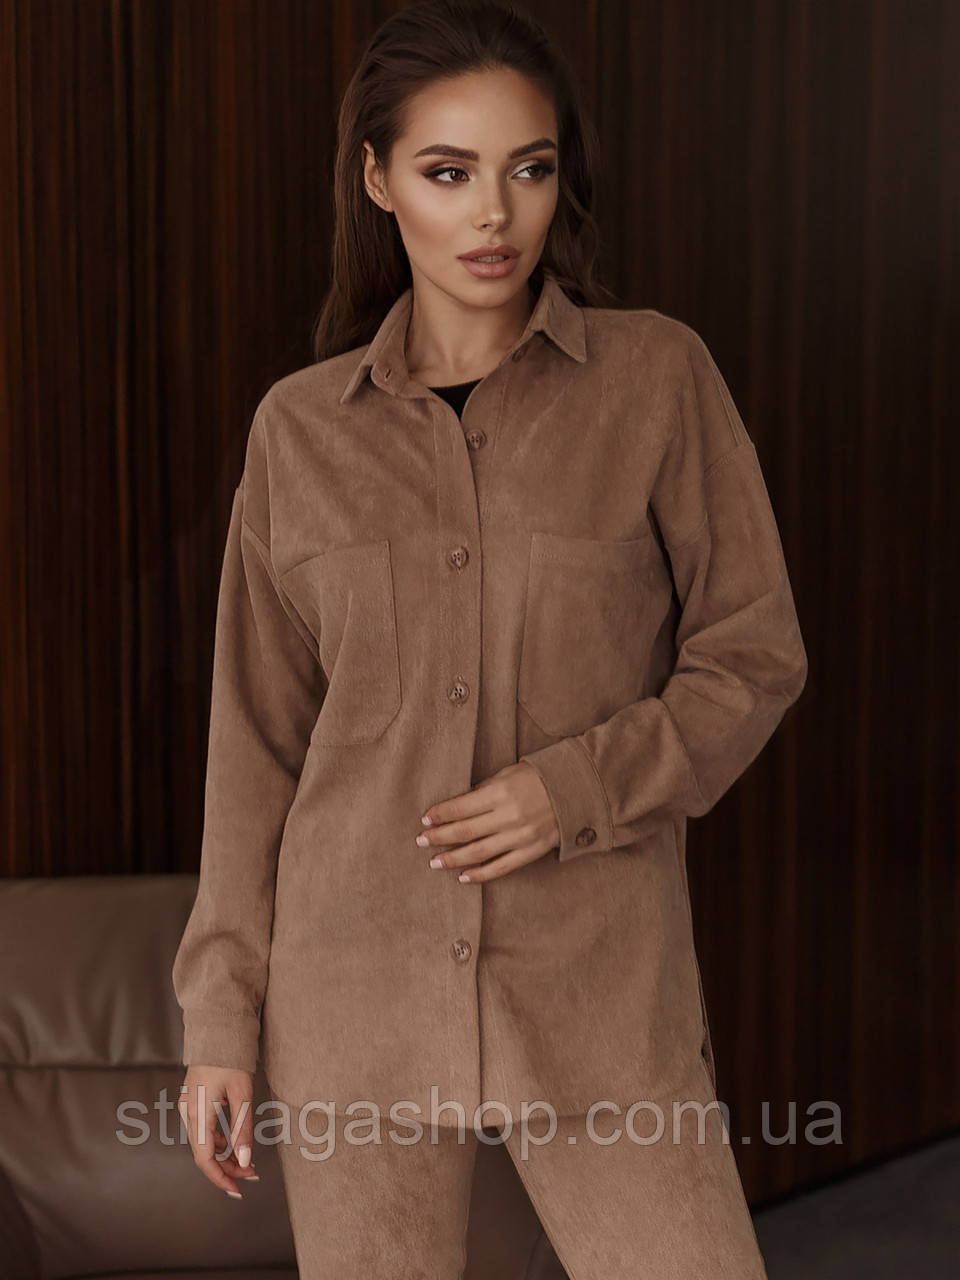 Рубашка из замши с удлиненной спинкой и накладными карманами